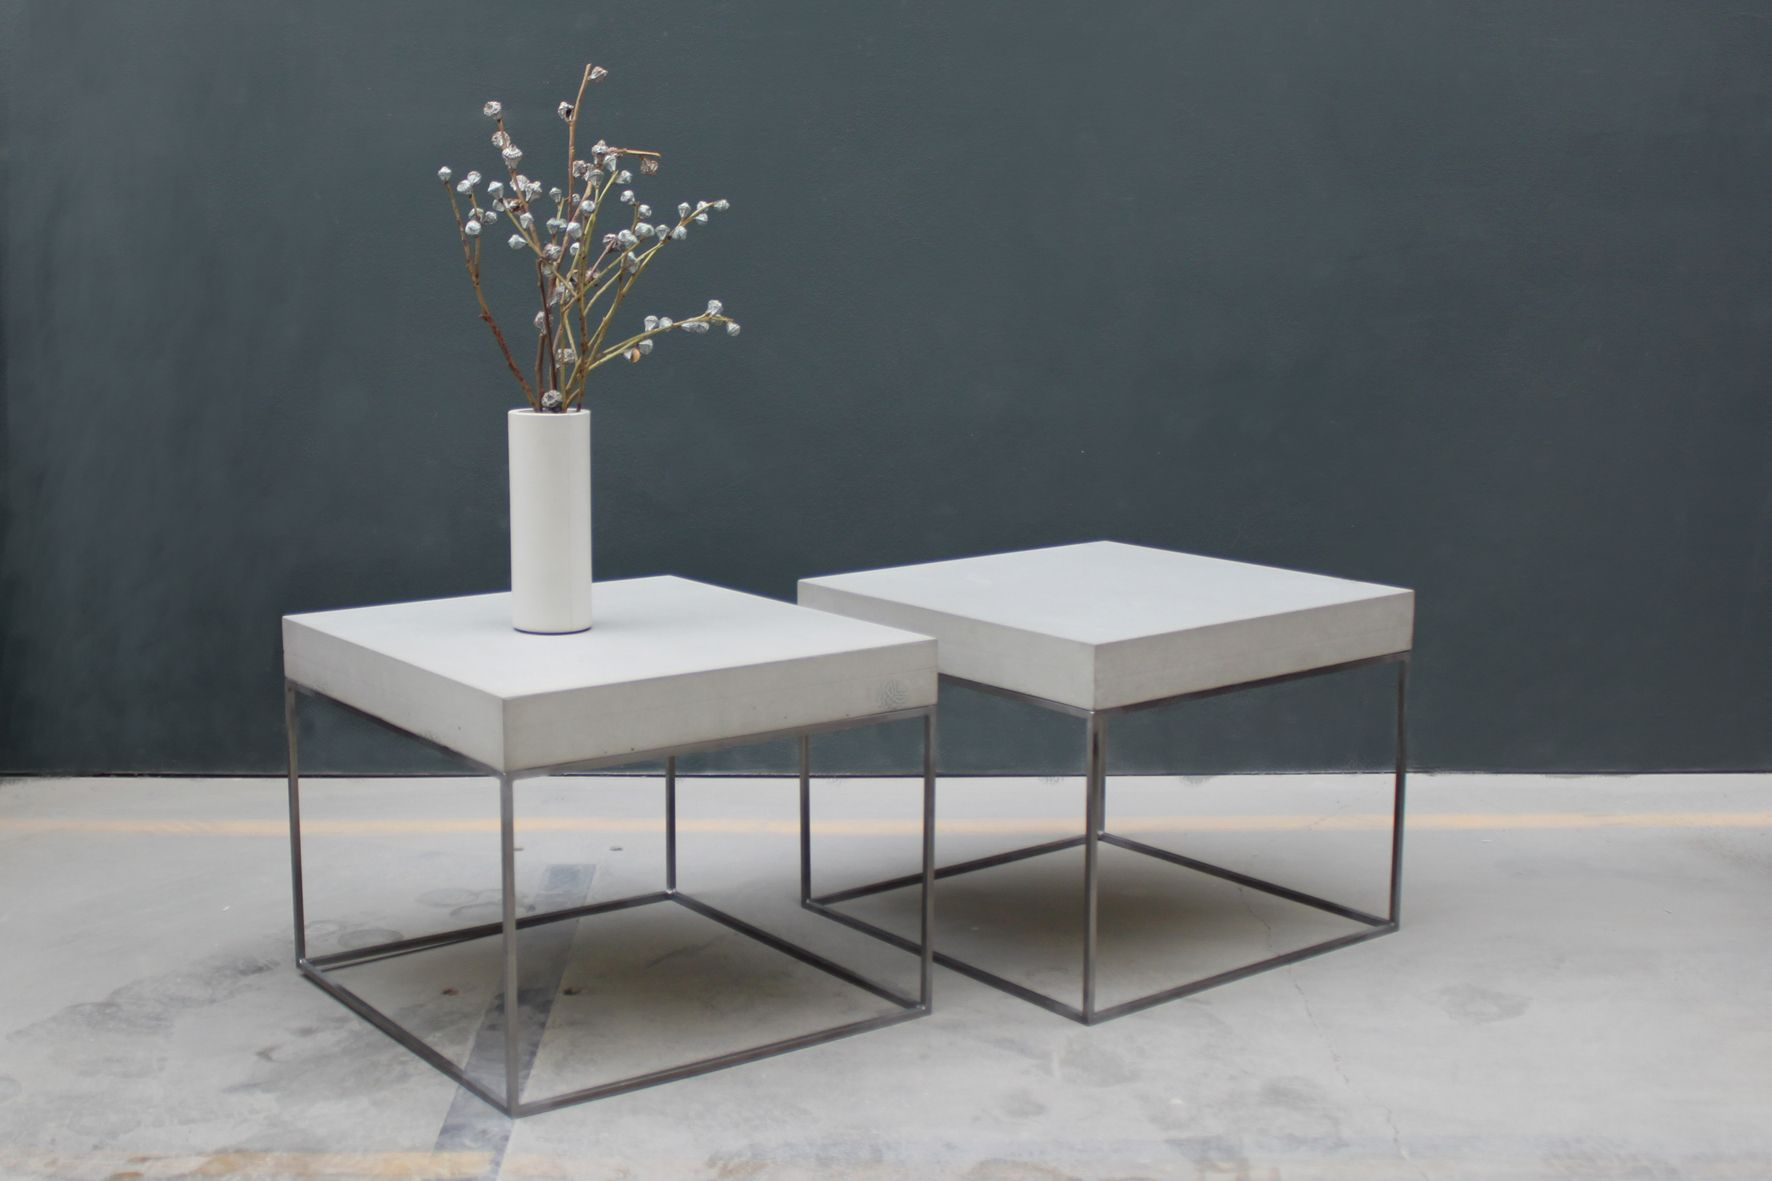 Betontisch Loungetisch Beistelltisch Wohnzimmer Esszimmer Handmade Industriallook Beto Betontisch Wohnzimmer Wohnzimmer Modern Beistelltische Wohnzimmer